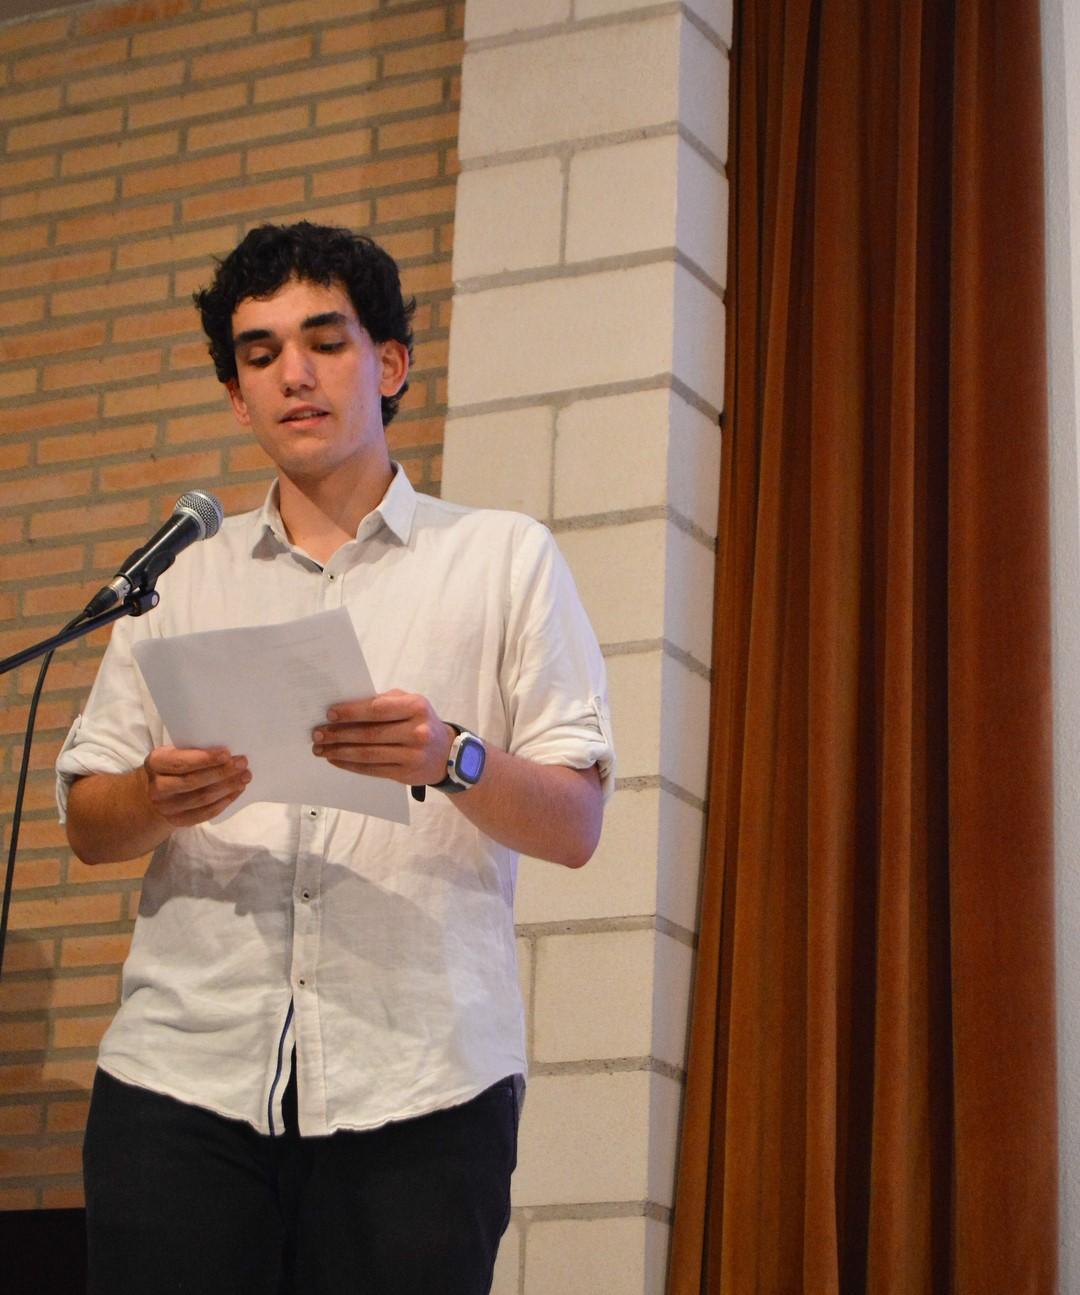 Jornadas Humanísticas - Noticias Fundación Tajamar